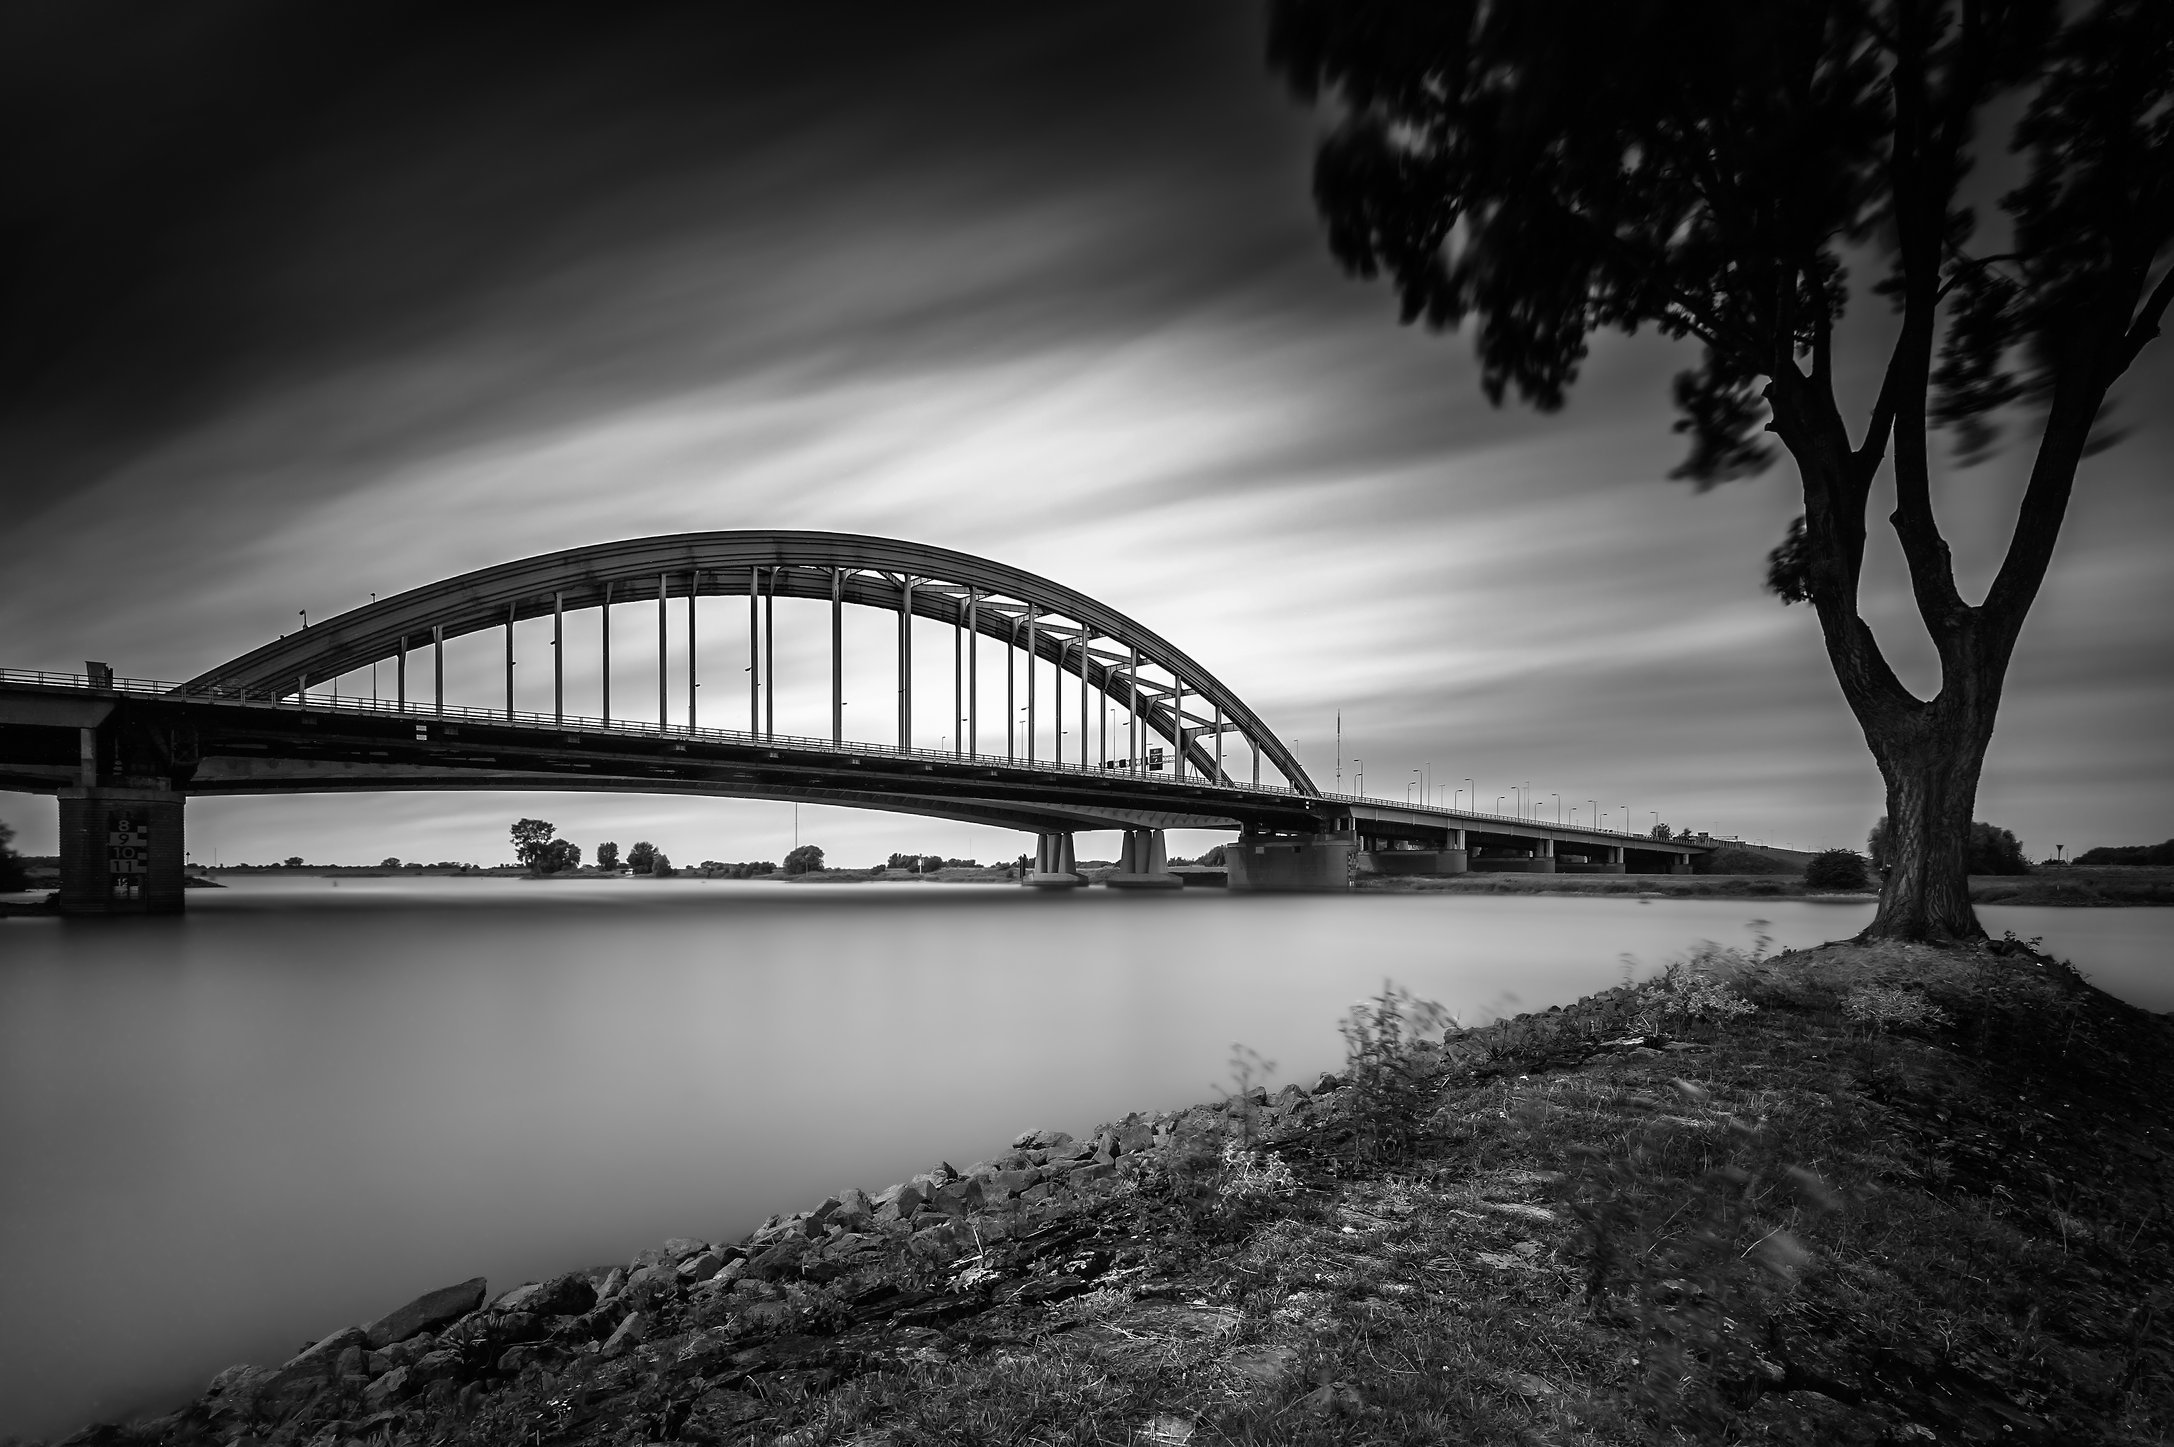 Viaanse brug (Long exposure)